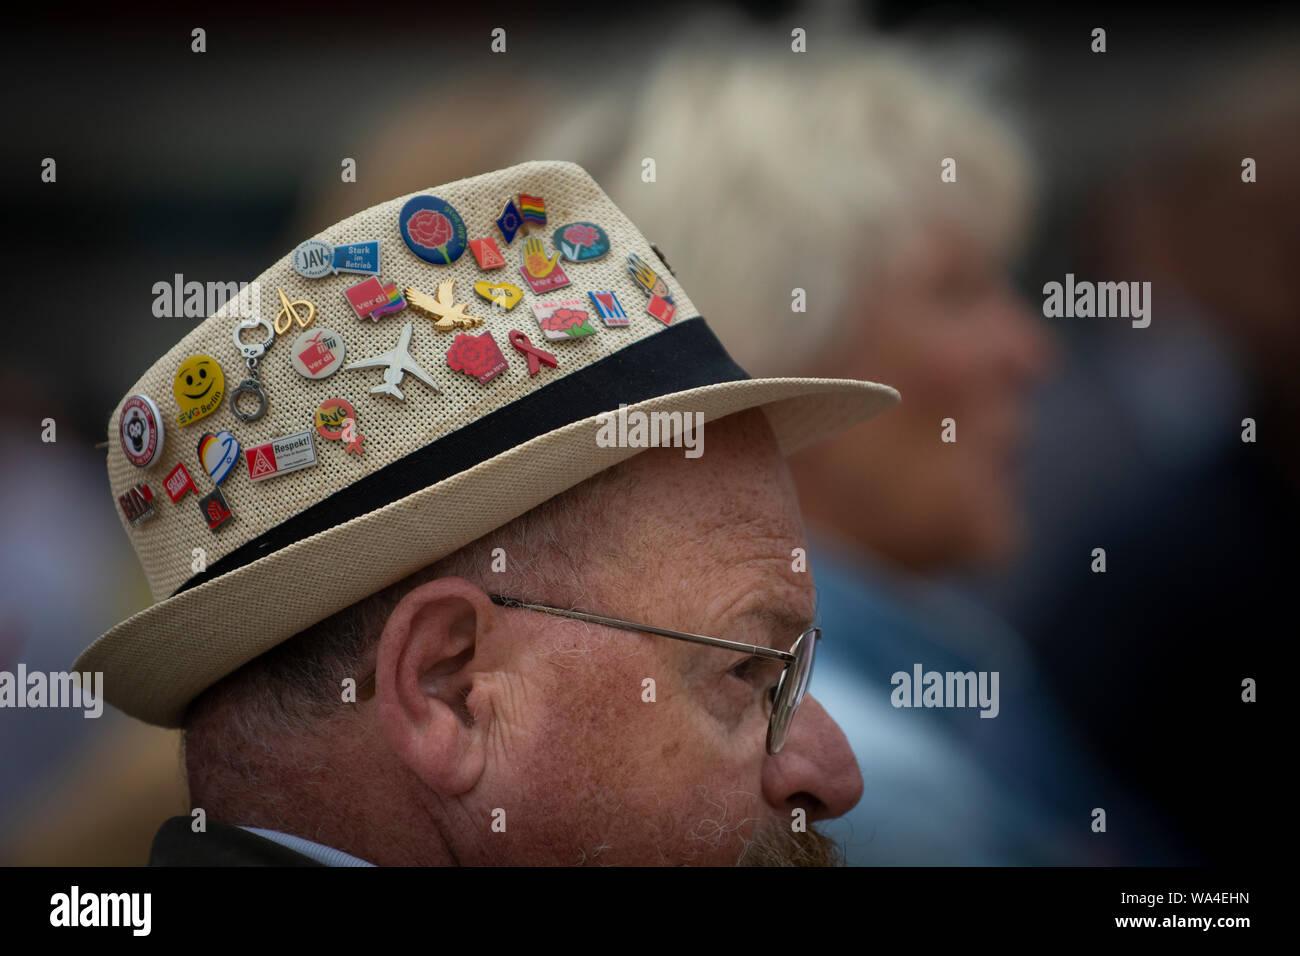 Un sombrero de protesta en el Berlin Gegen nazi de demostración en Alexanderplatz, Berlín, Alemania. Foto de stock